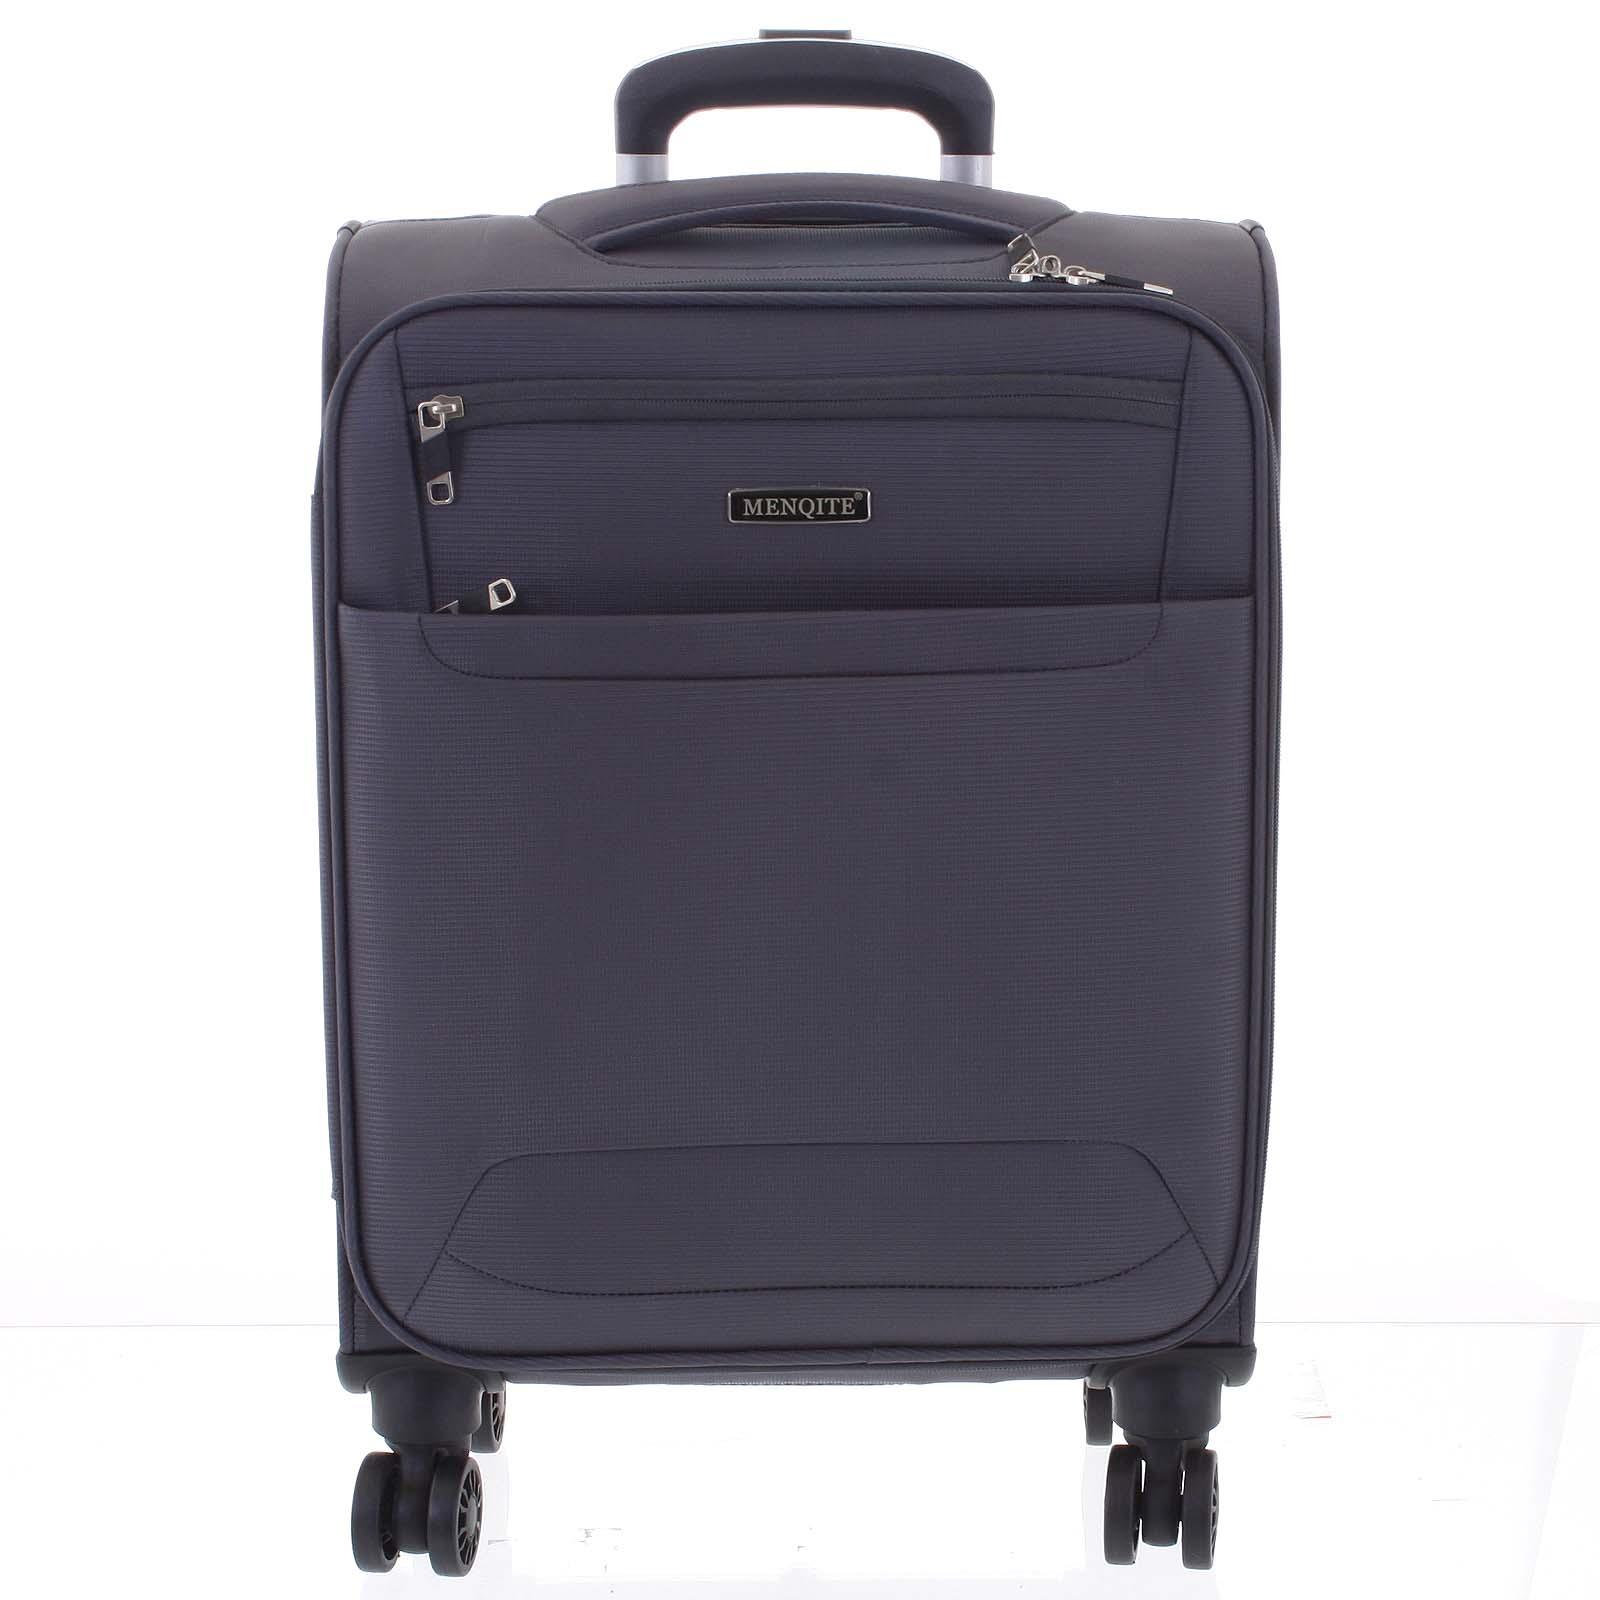 Nadčasový ľahký látkový cestovný kufor sivý - Menqite Timeless M šedá